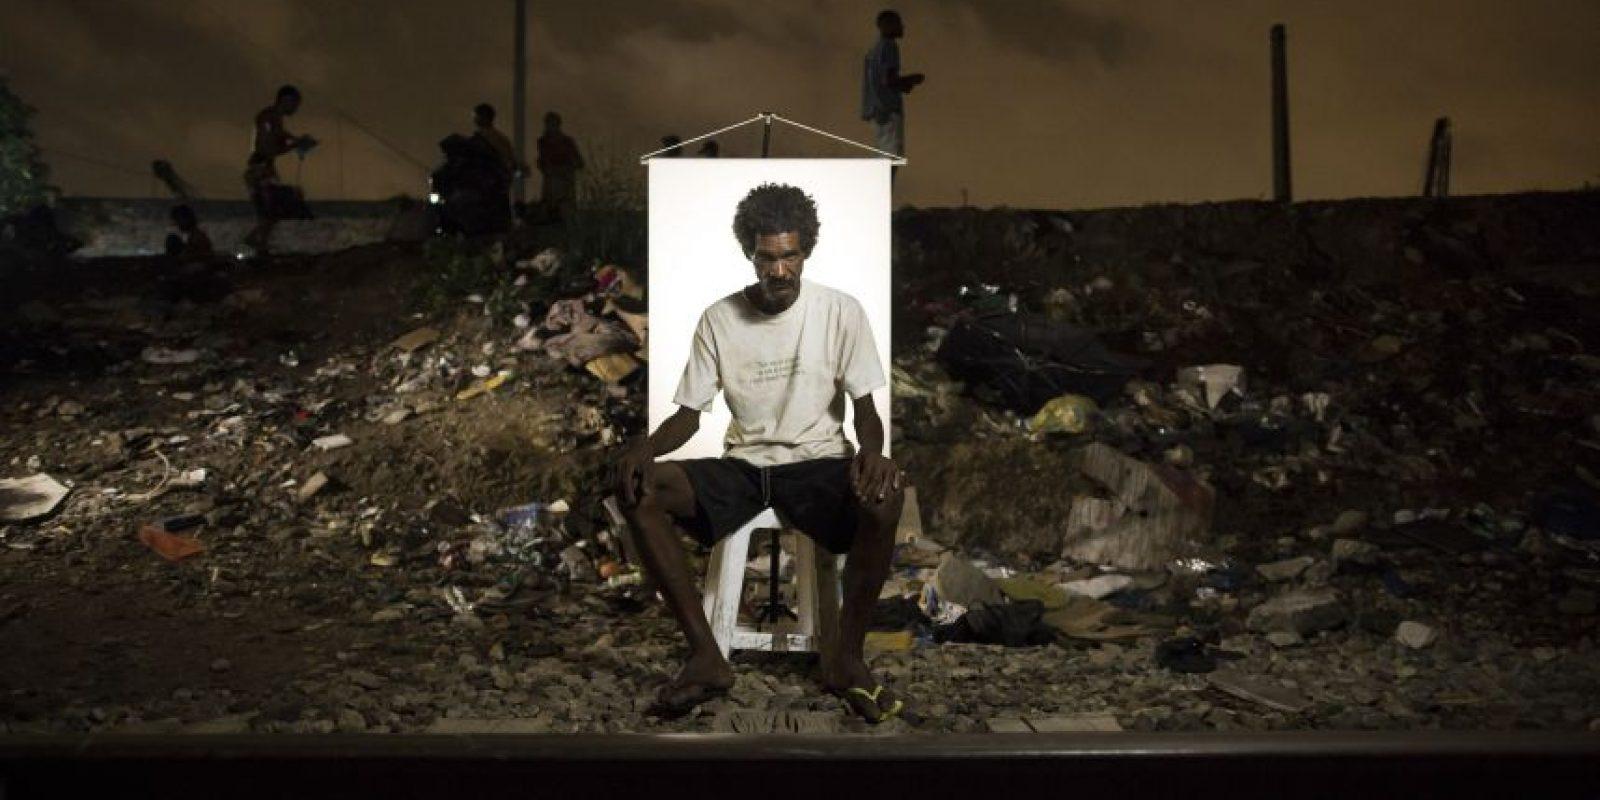 """En esta imagen, tomada el 17 de marzo de 2015, Jose Mauricio Oliveira, de 41 años, posa para una fotografía en un punto de venta de crack al aire libre, conocido como """"cracolandia"""", donde los clientes pueden comprar la droga y fumarla a plena vista, de día o de noche, en Río de Janeiro, Brasil. Foto:AP/ Felipe Dana"""